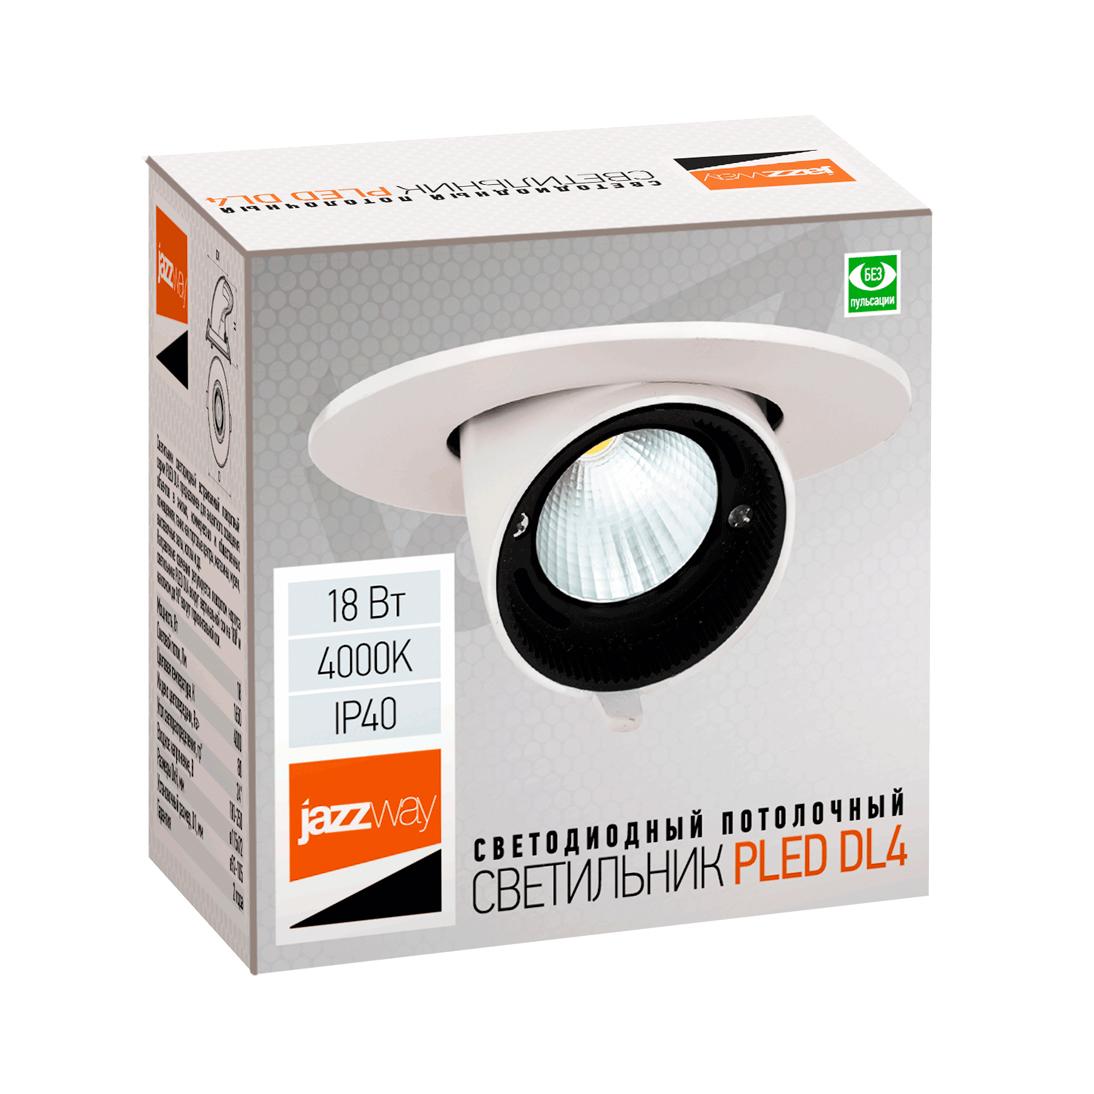 Cветильник cветодиодный потолочный PLED DL4 PLEDDL418W 4000K 24°W HIP40